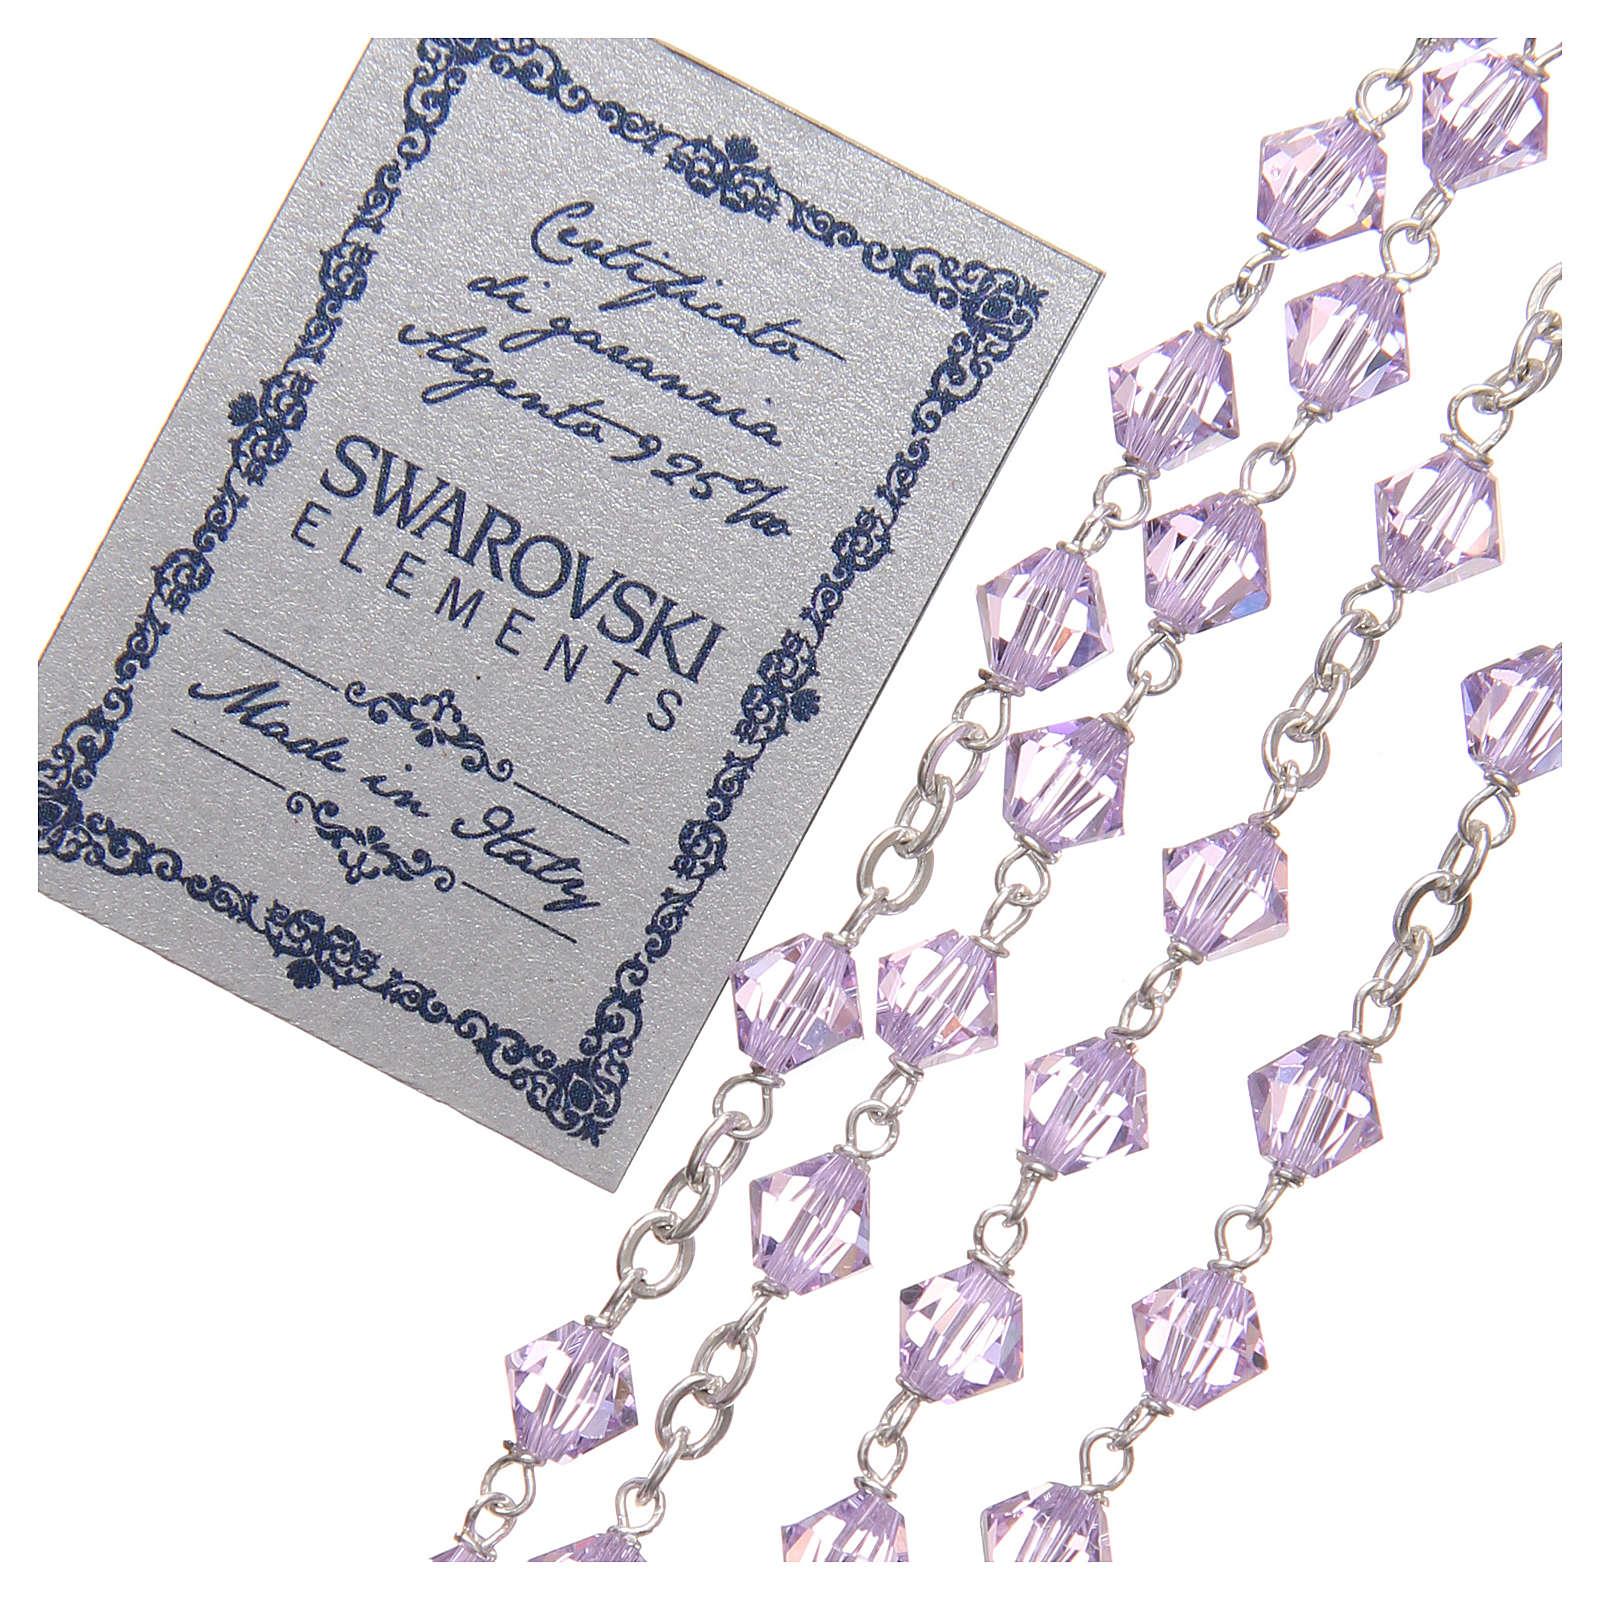 Chapelet argent 925 Swarovski chaîne mailles rondes 6 mm violet 4